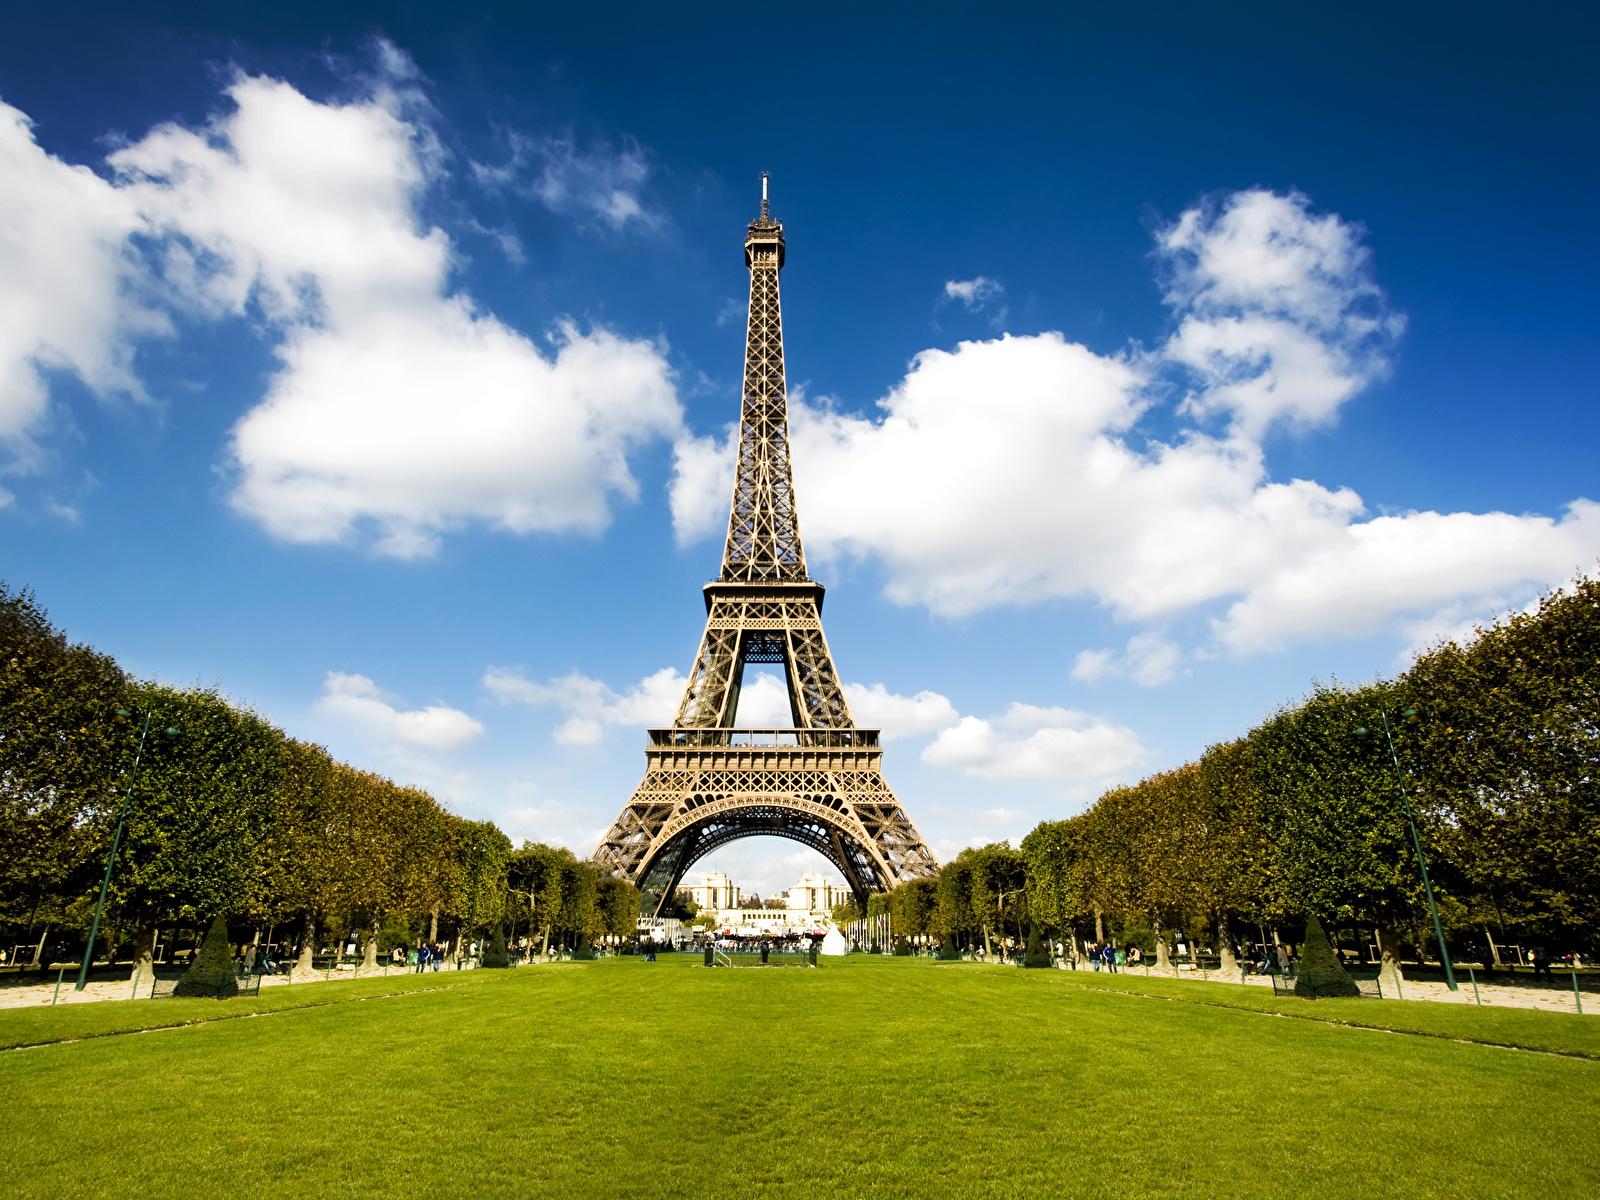 Картинки Париж Эйфелева башня Франция Парки город 1600x1200 париже парк Города